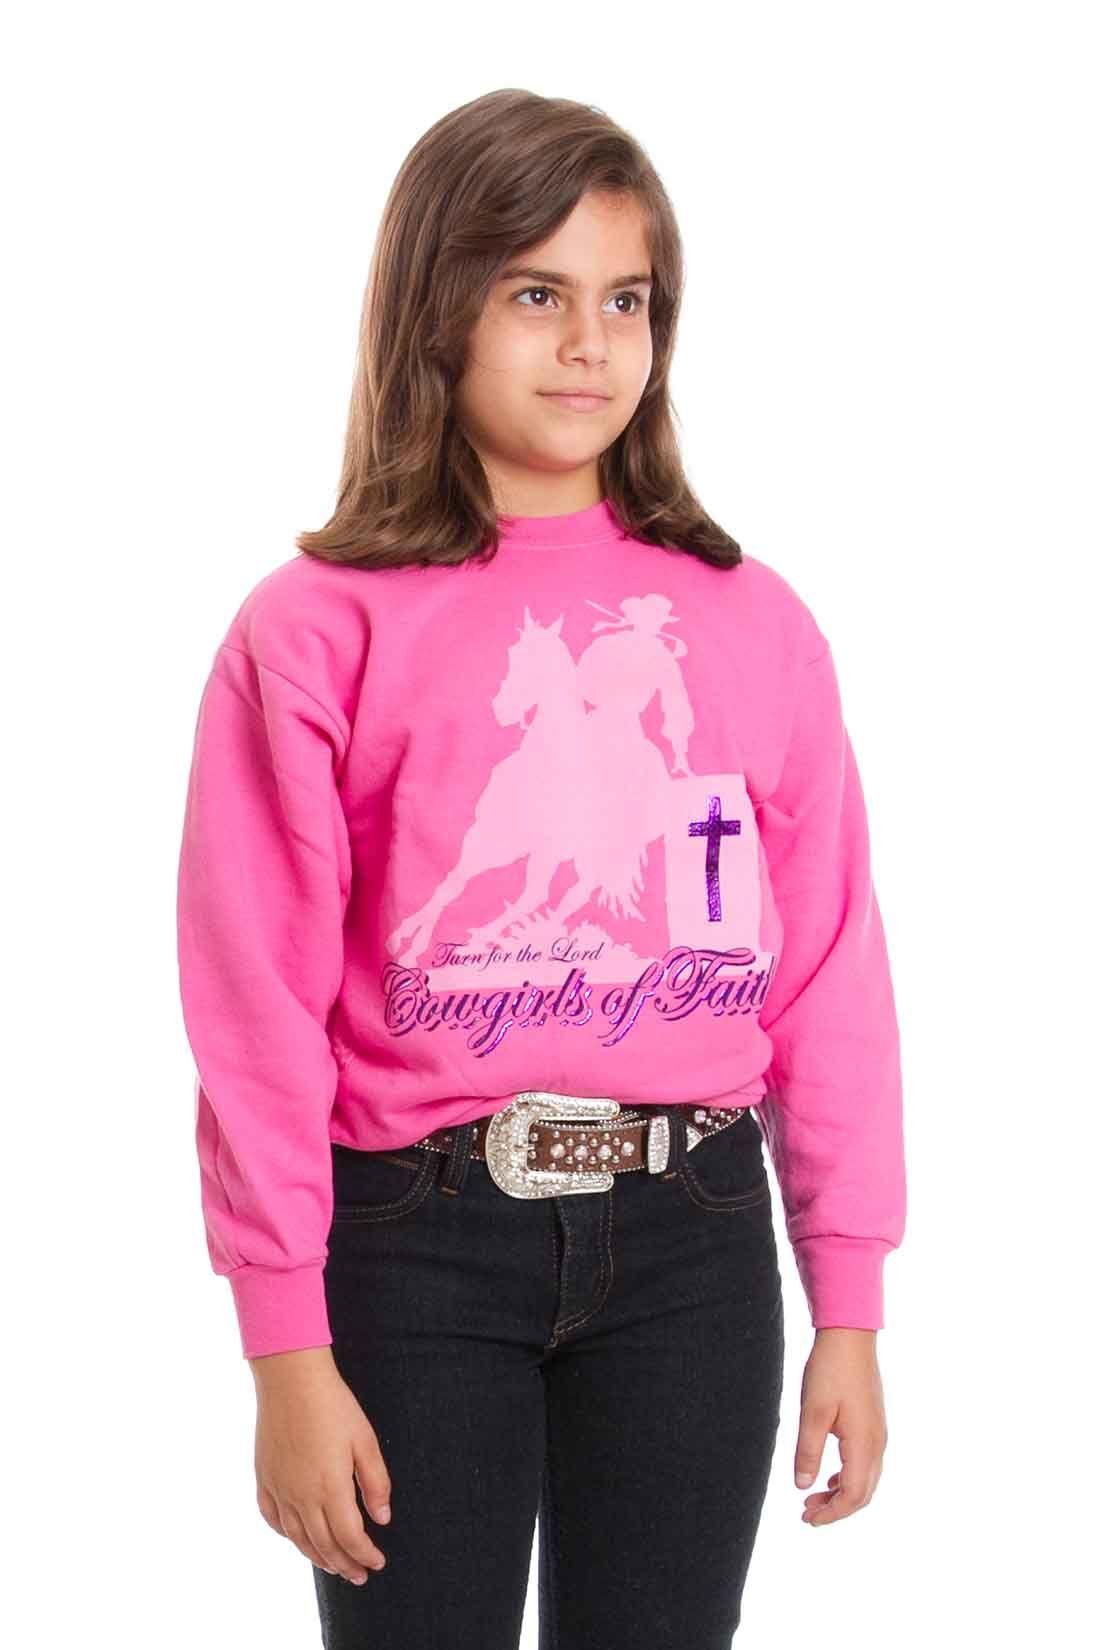 moletom Infantil Cowgirls Of Faith Rosa Blusa moletom feita em algodão e  poliester 1f17cffd2be